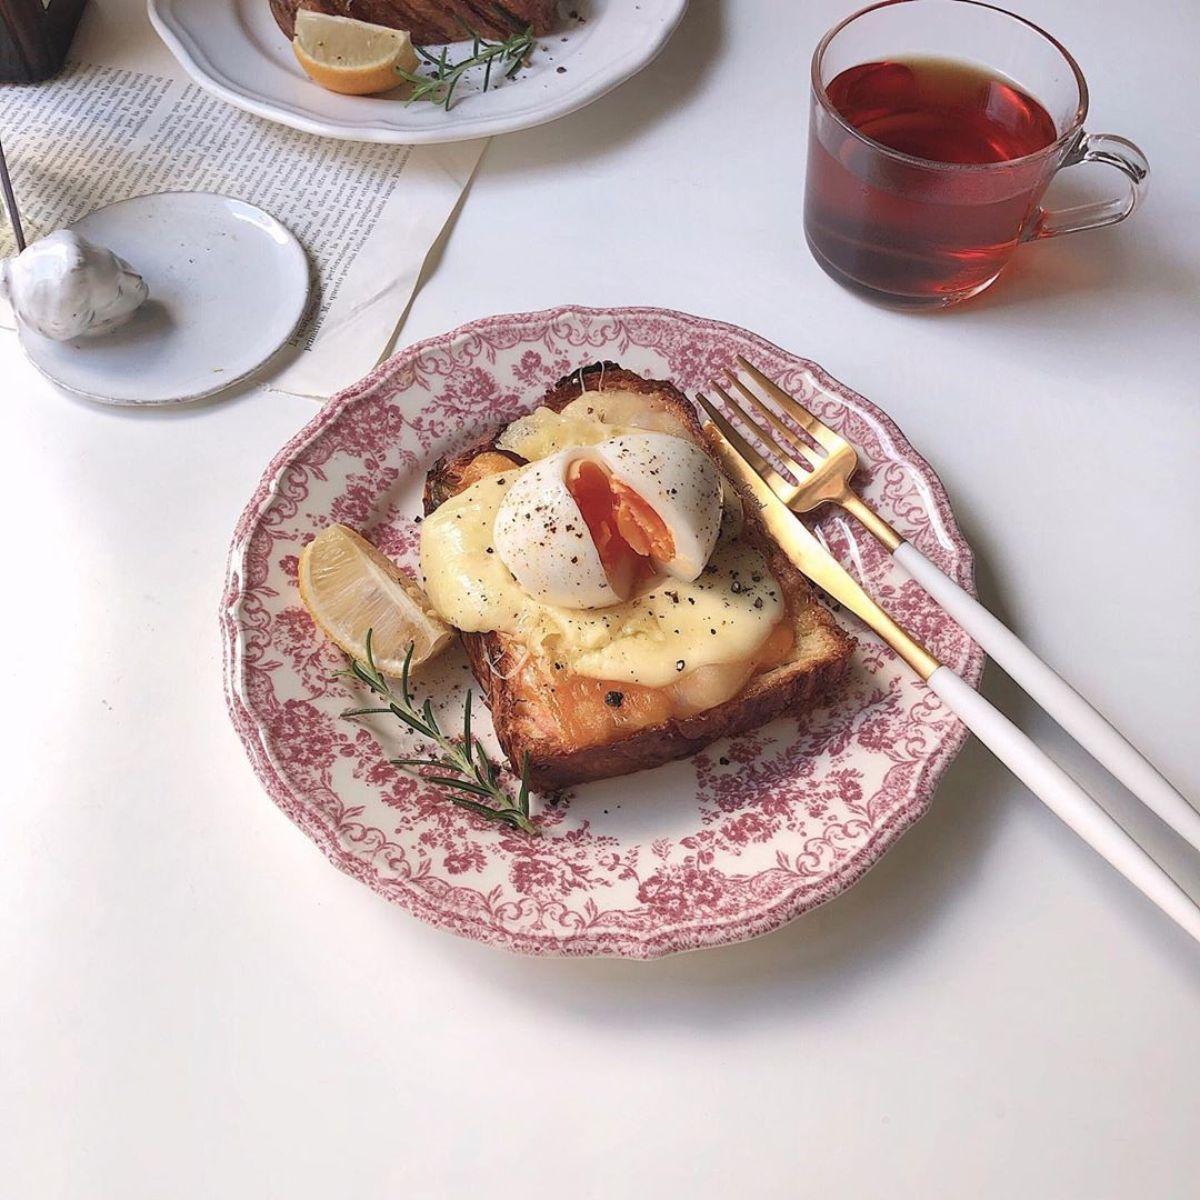 韓国っぽい「トーストアレンジ」でおうちカフェをグッとかわいく♡IGで見つけたおしゃれなアレンジをご紹介